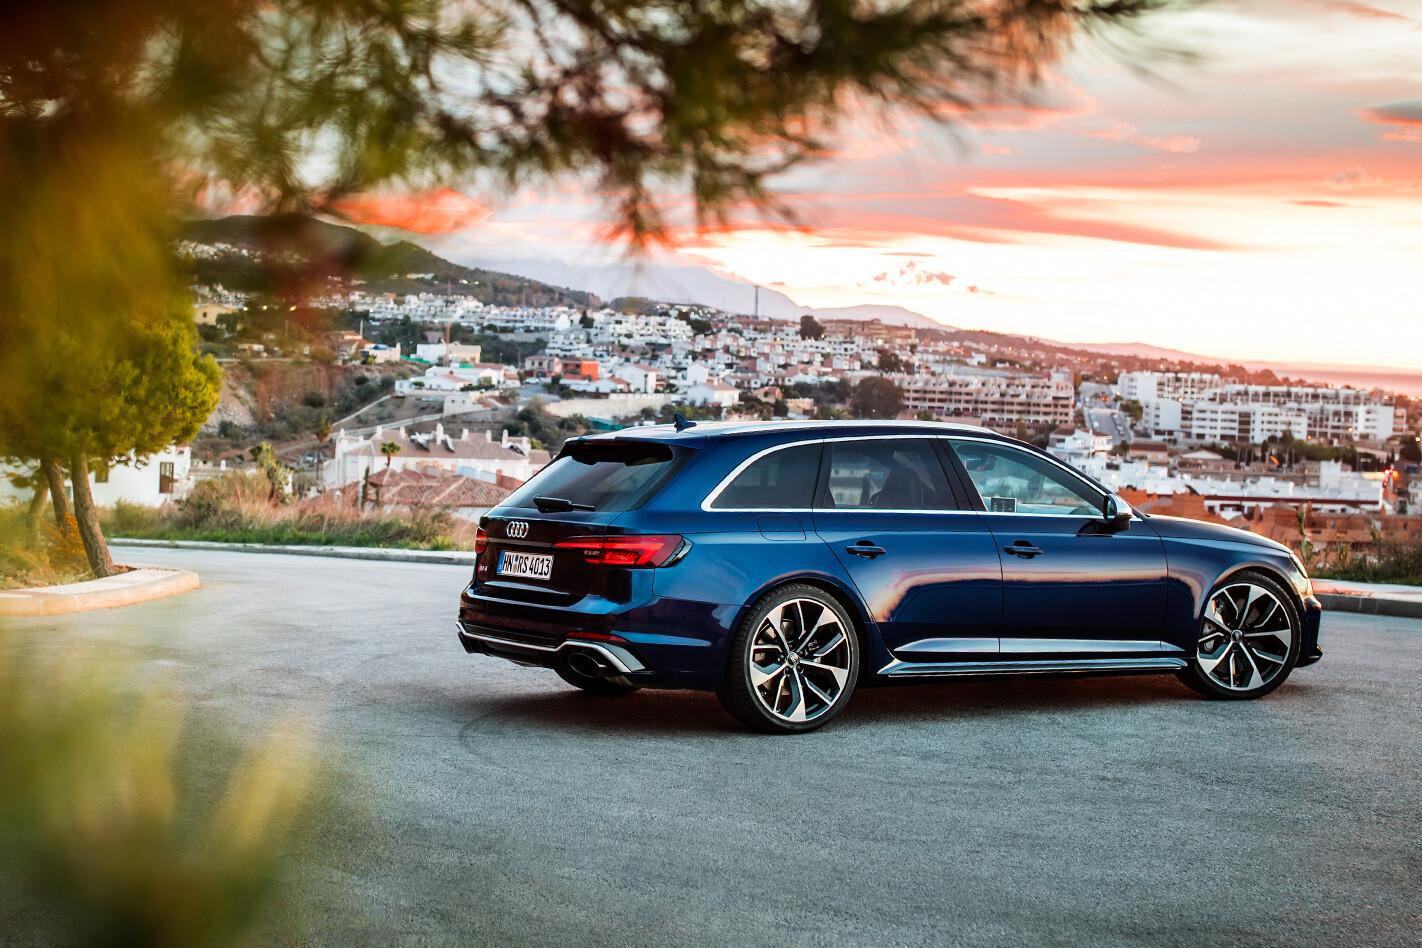 Best Family Cars Audi Rs 4 Jpg